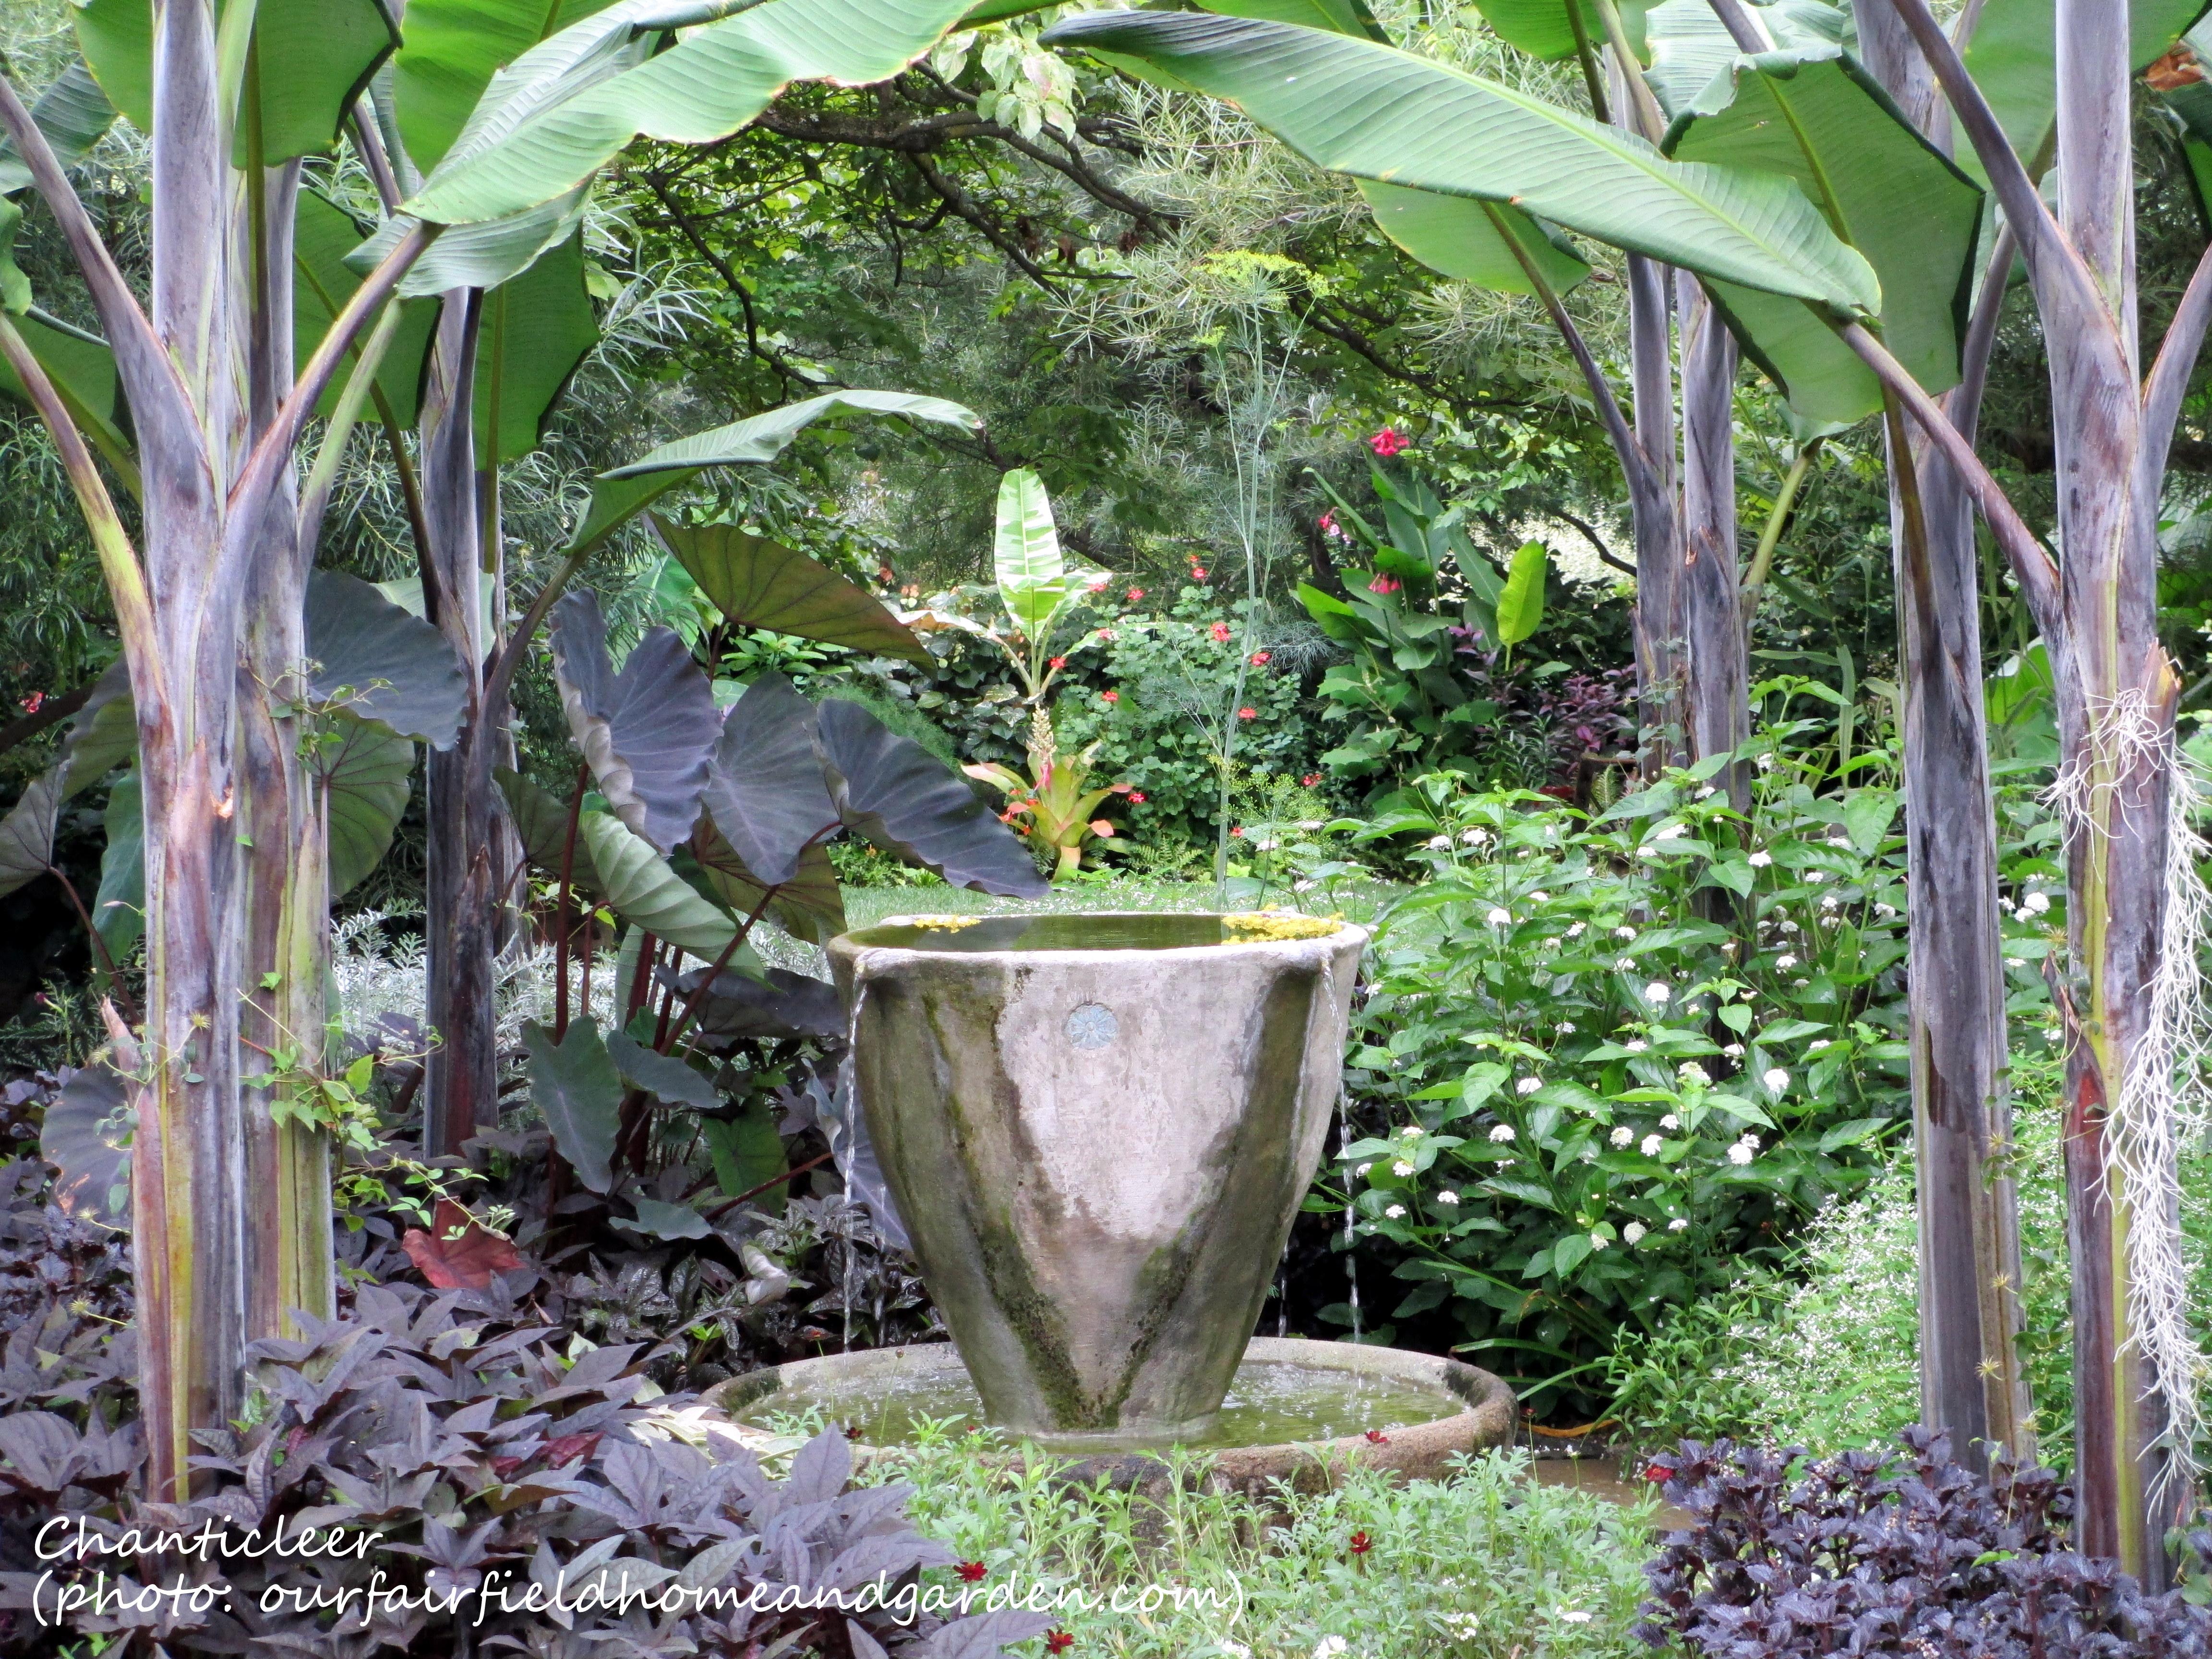 Chanticleer Garden https://ourfairfieldhomeandgarden.com/field-trip-the-unusual-and-romantic-gardens-of-chanticleer/